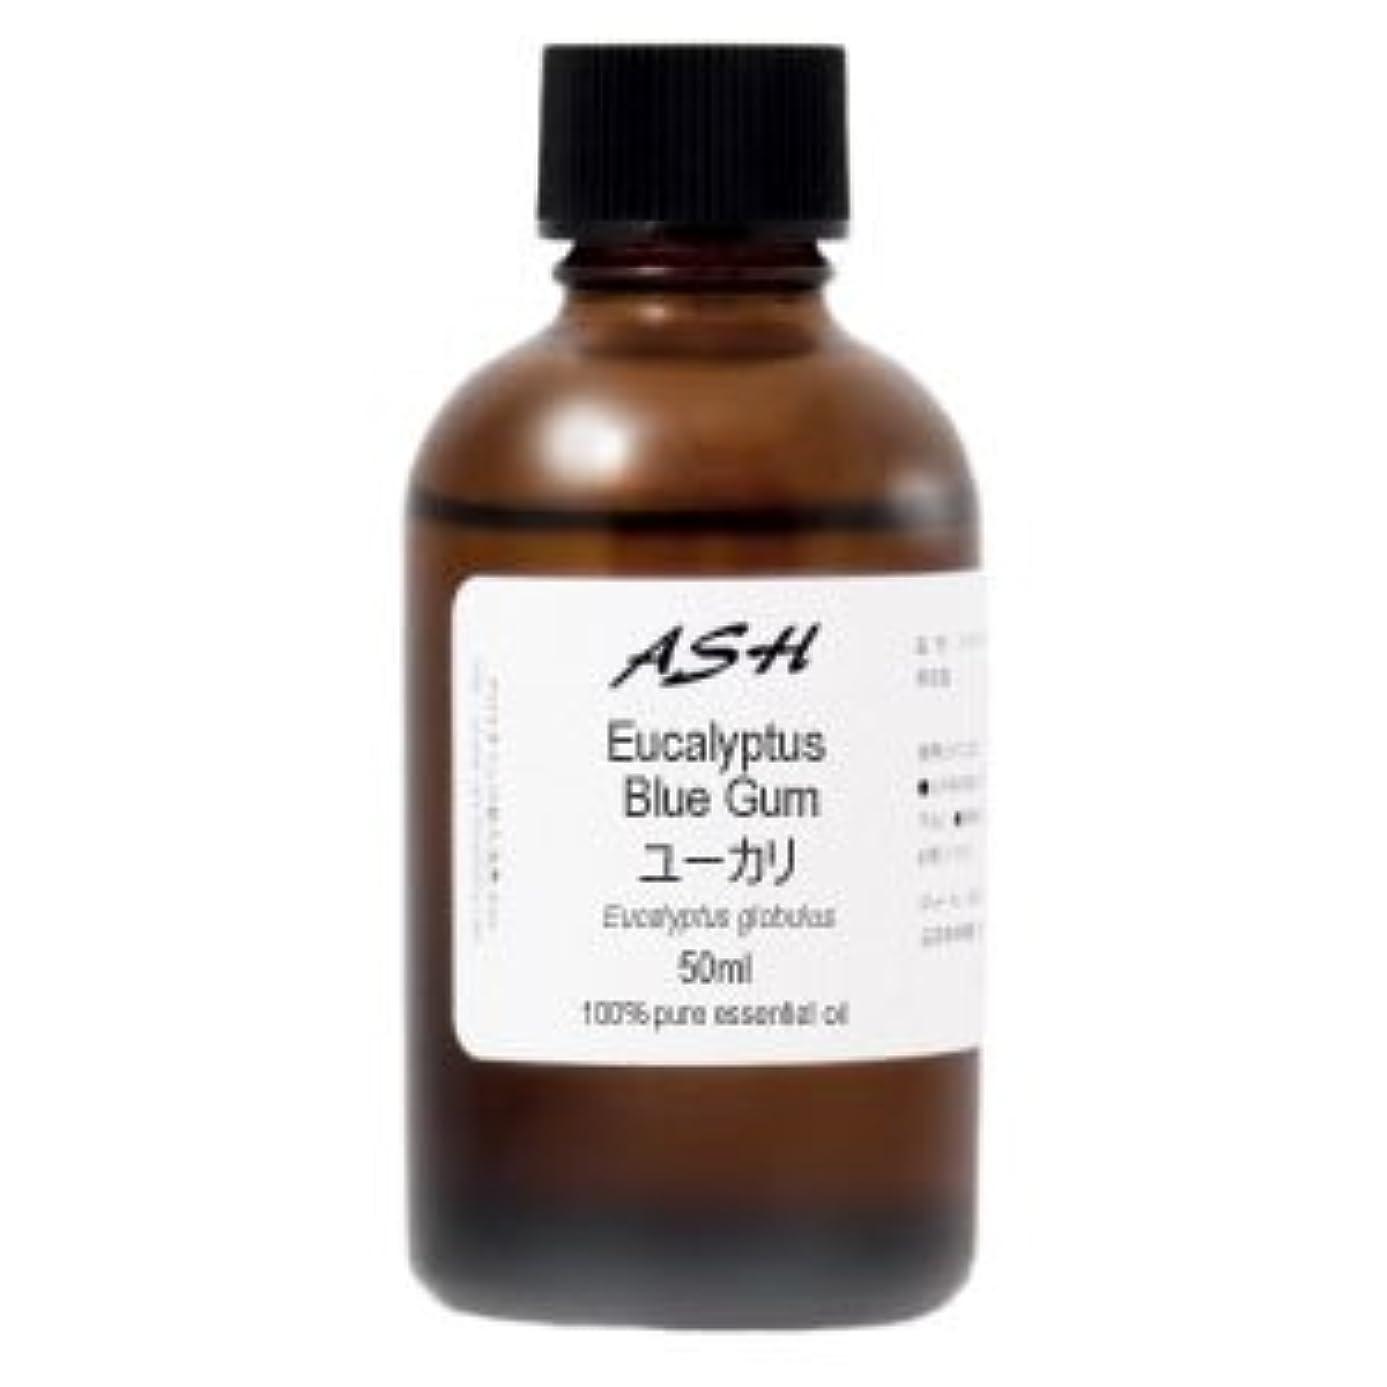 添加剤分泌する誠実さASH ユーカリ エッセンシャルオイル 50ml AEAJ表示基準適合認定精油